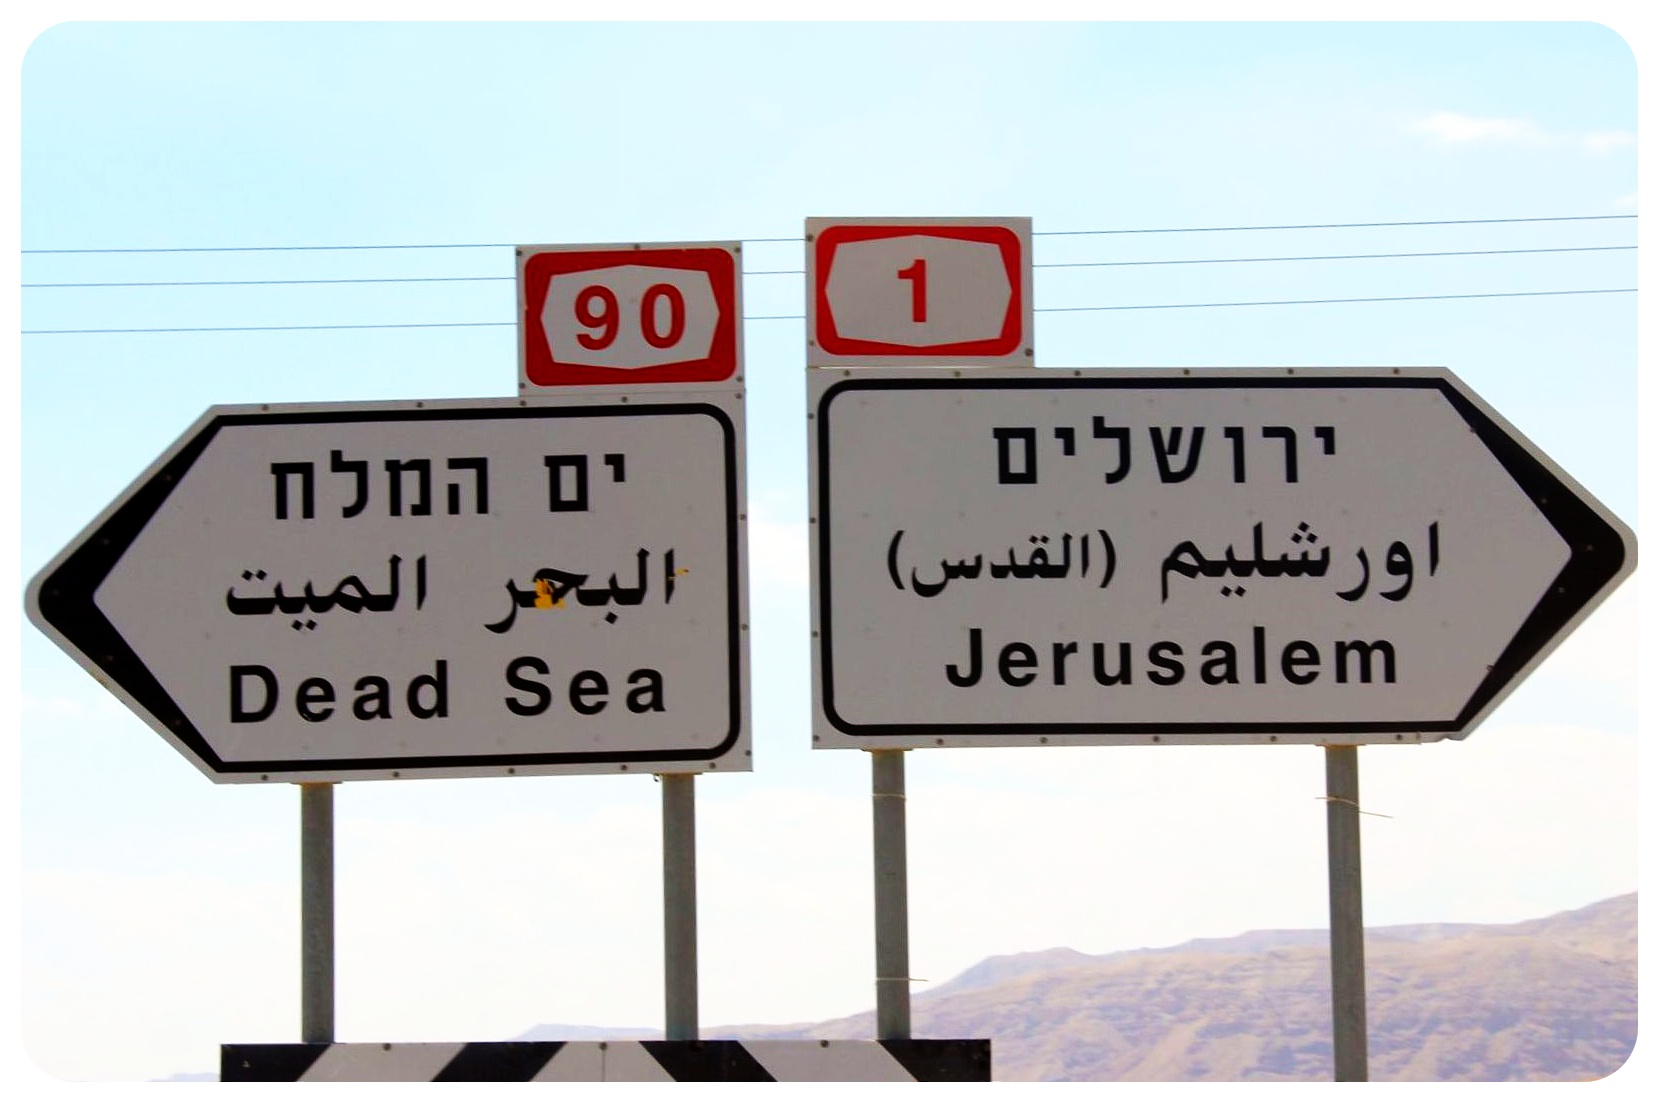 dead sea jerusalem